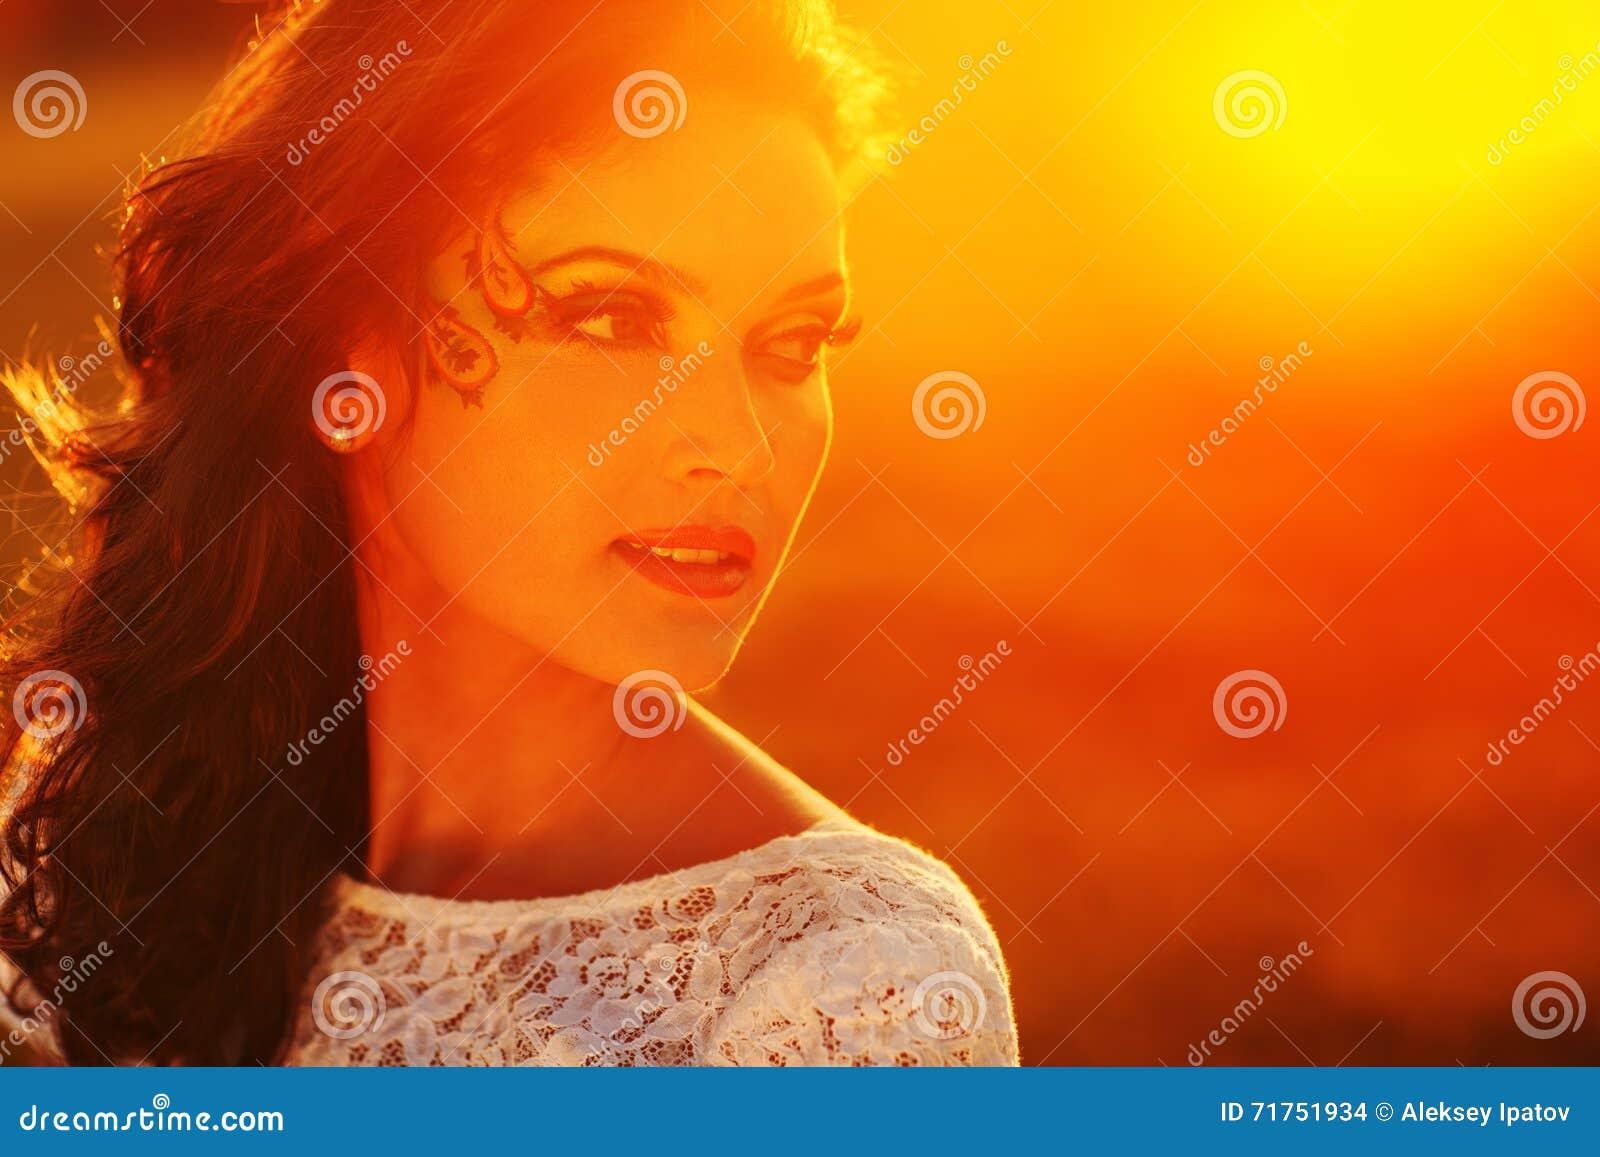 Πορτρέτο κοριτσιών ηλιοφάνειας ομορφιάς